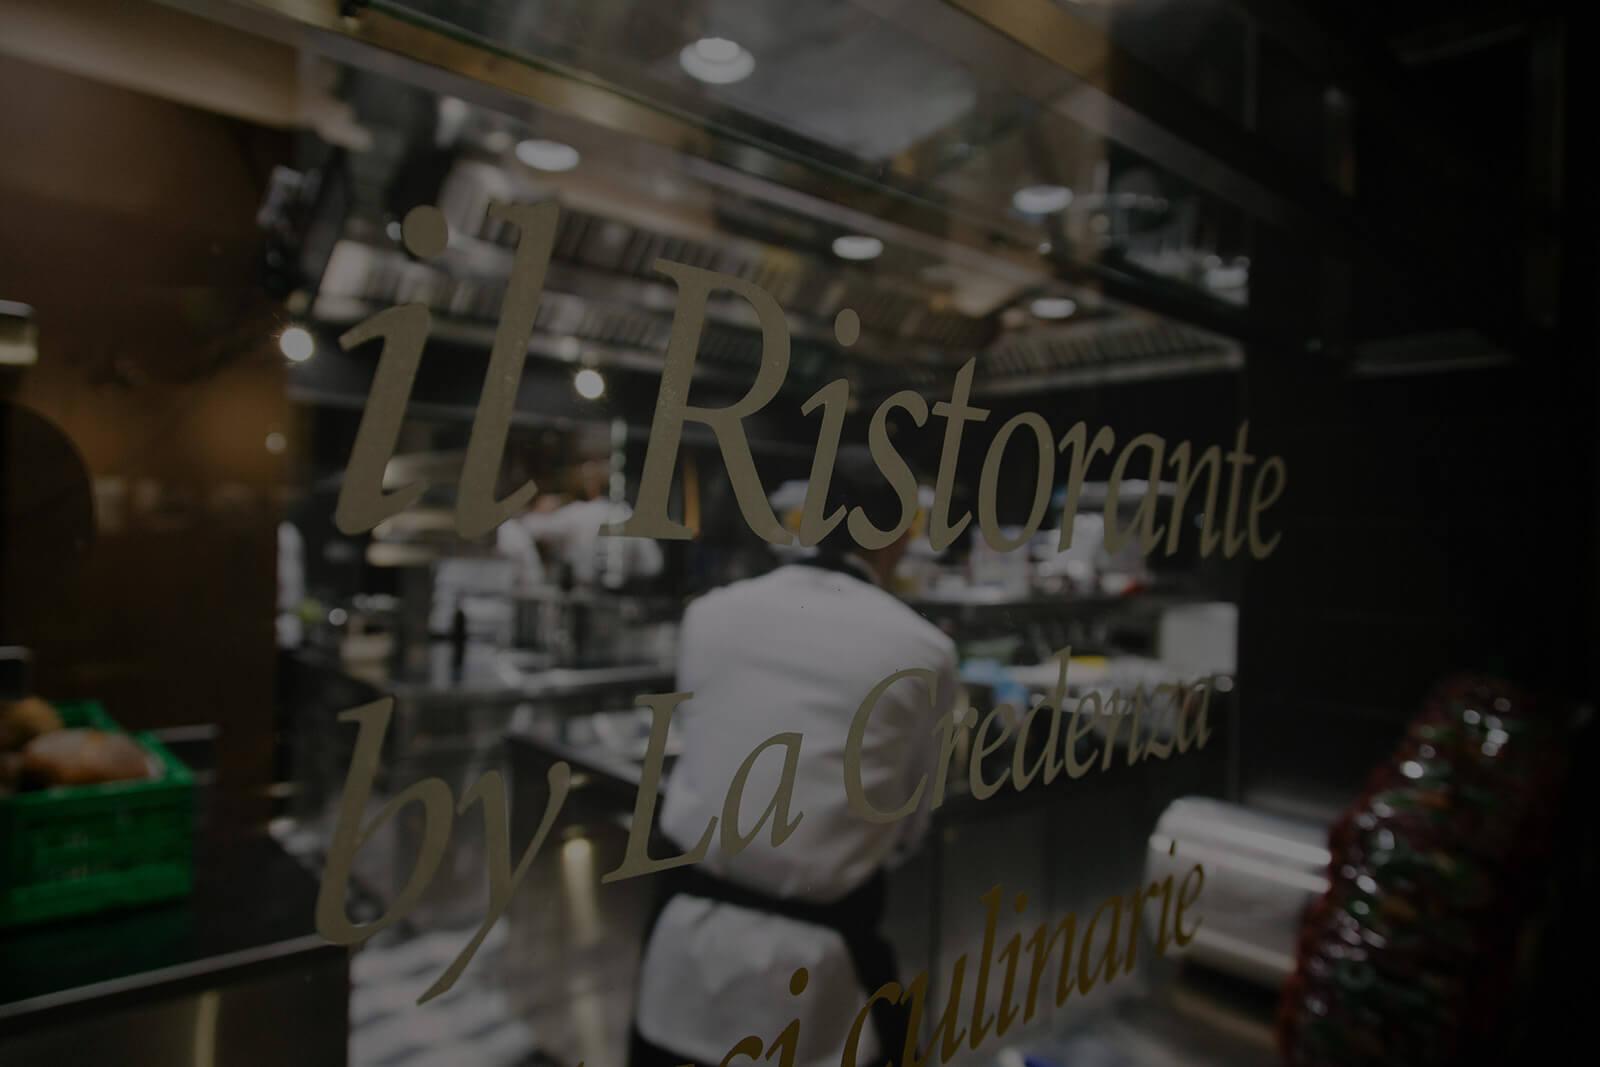 Bistrot La Credenza Torino : Home page fiorfood è tutto questo nel cuore di torino